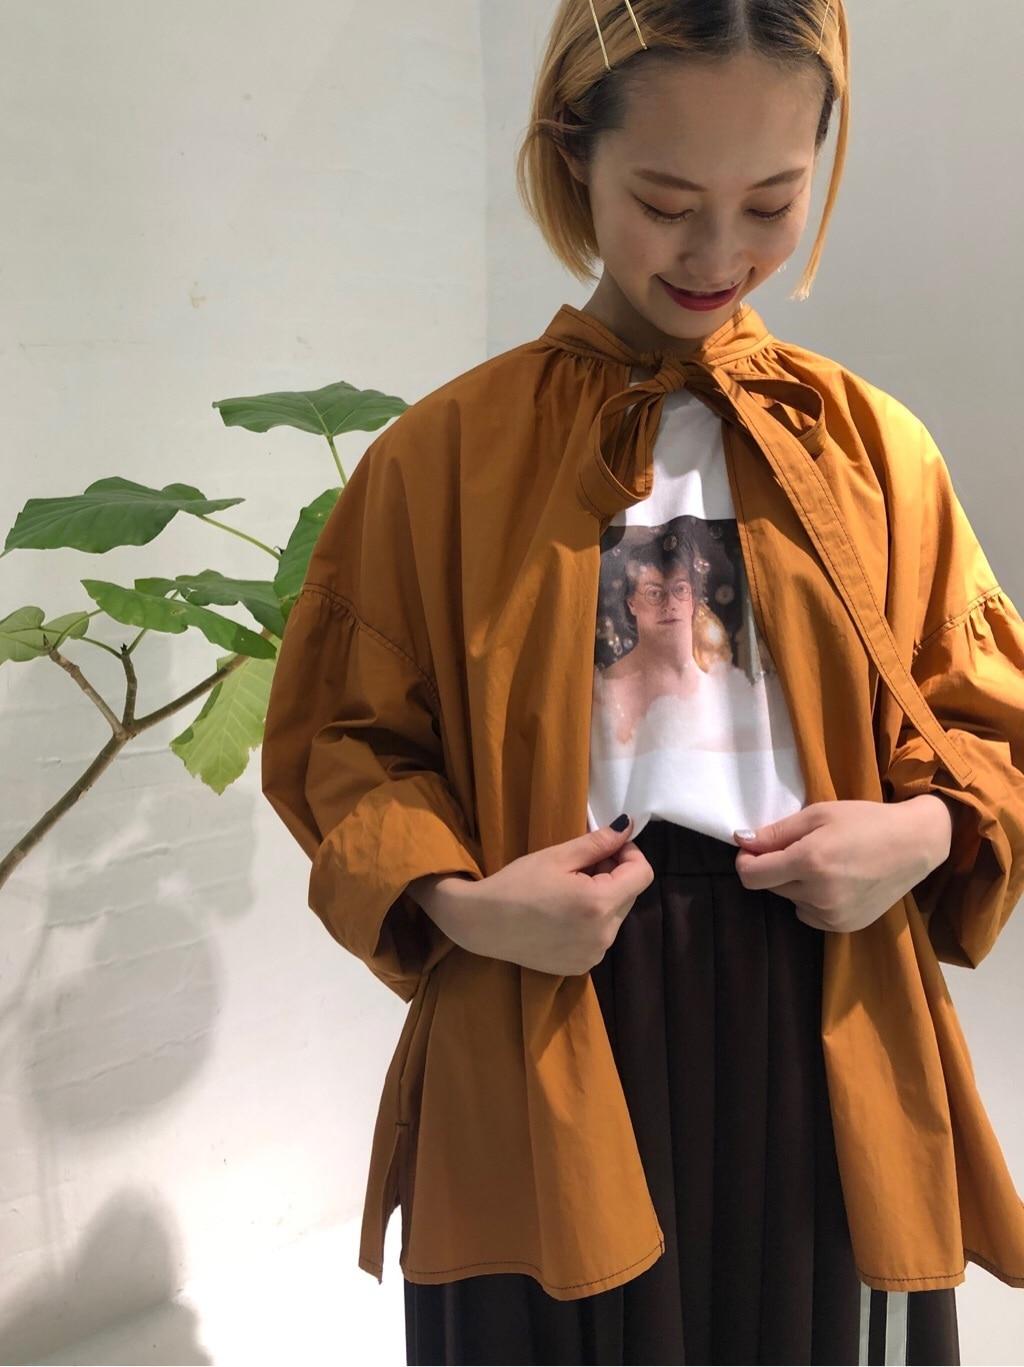 l'atelier du savon ラフォーレ原宿 身長:159cm 2019.07.17